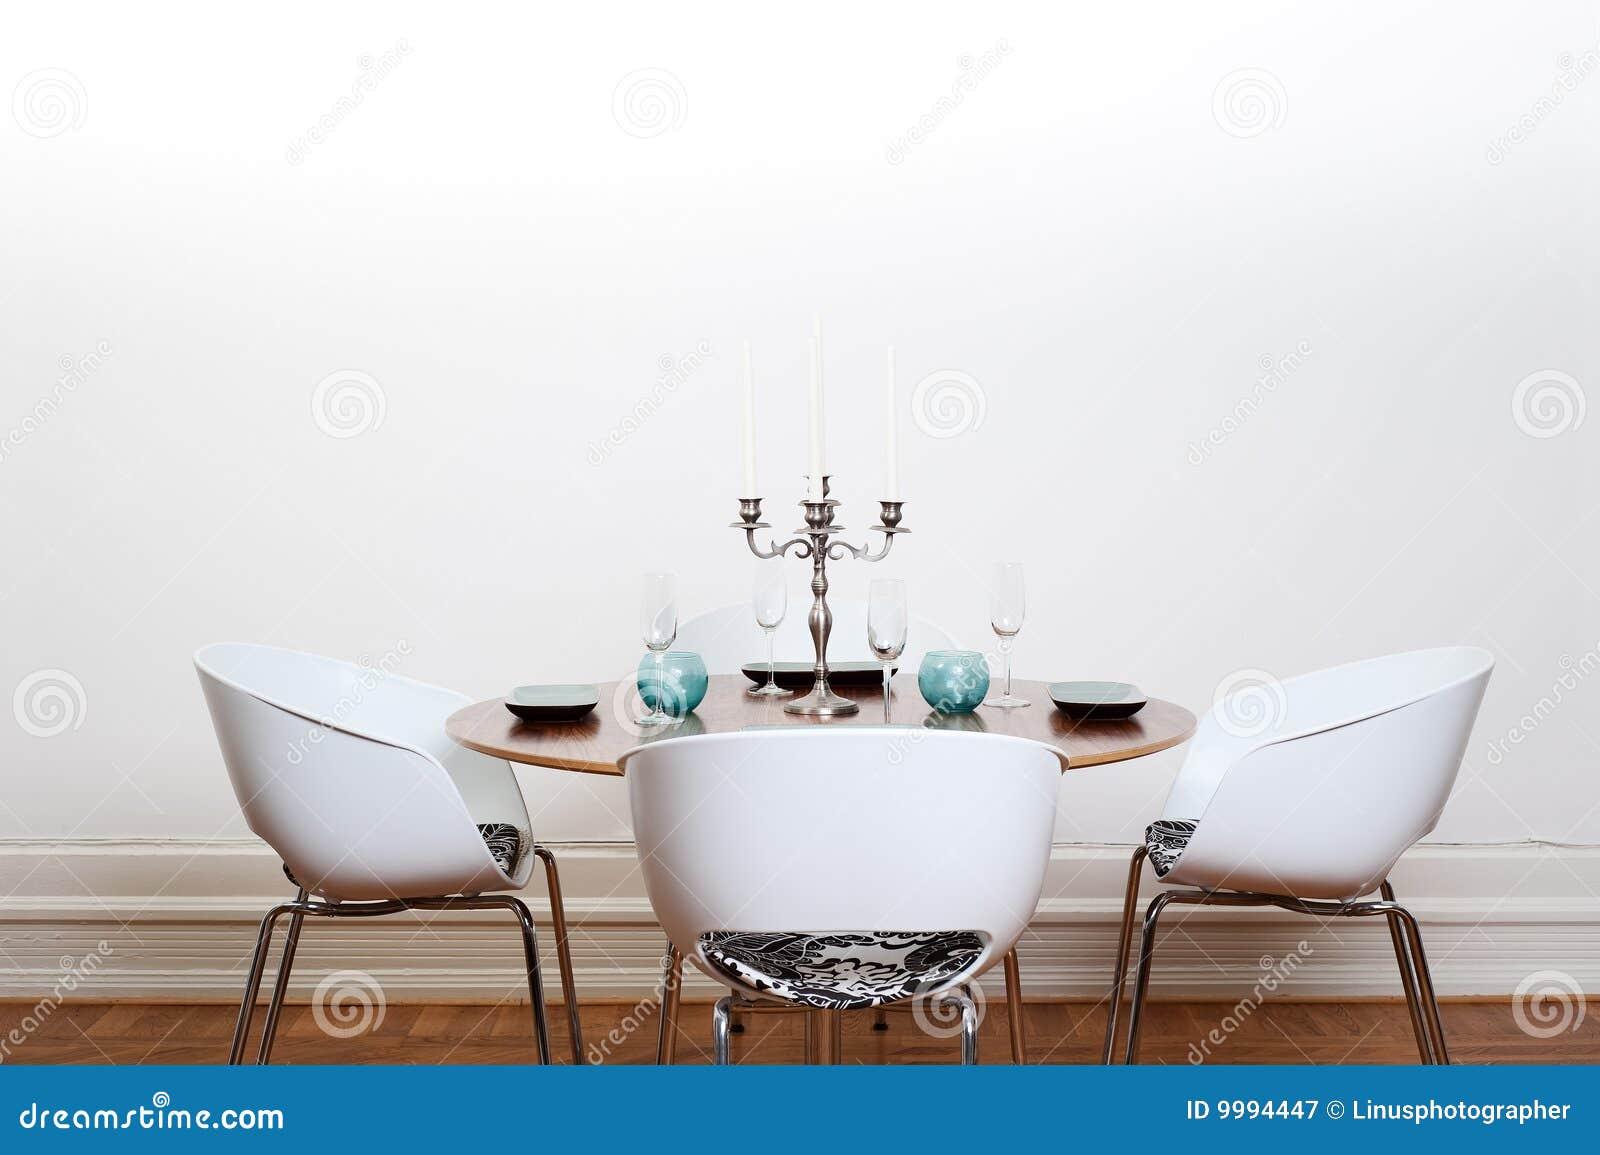 用餐现代空间圆桌